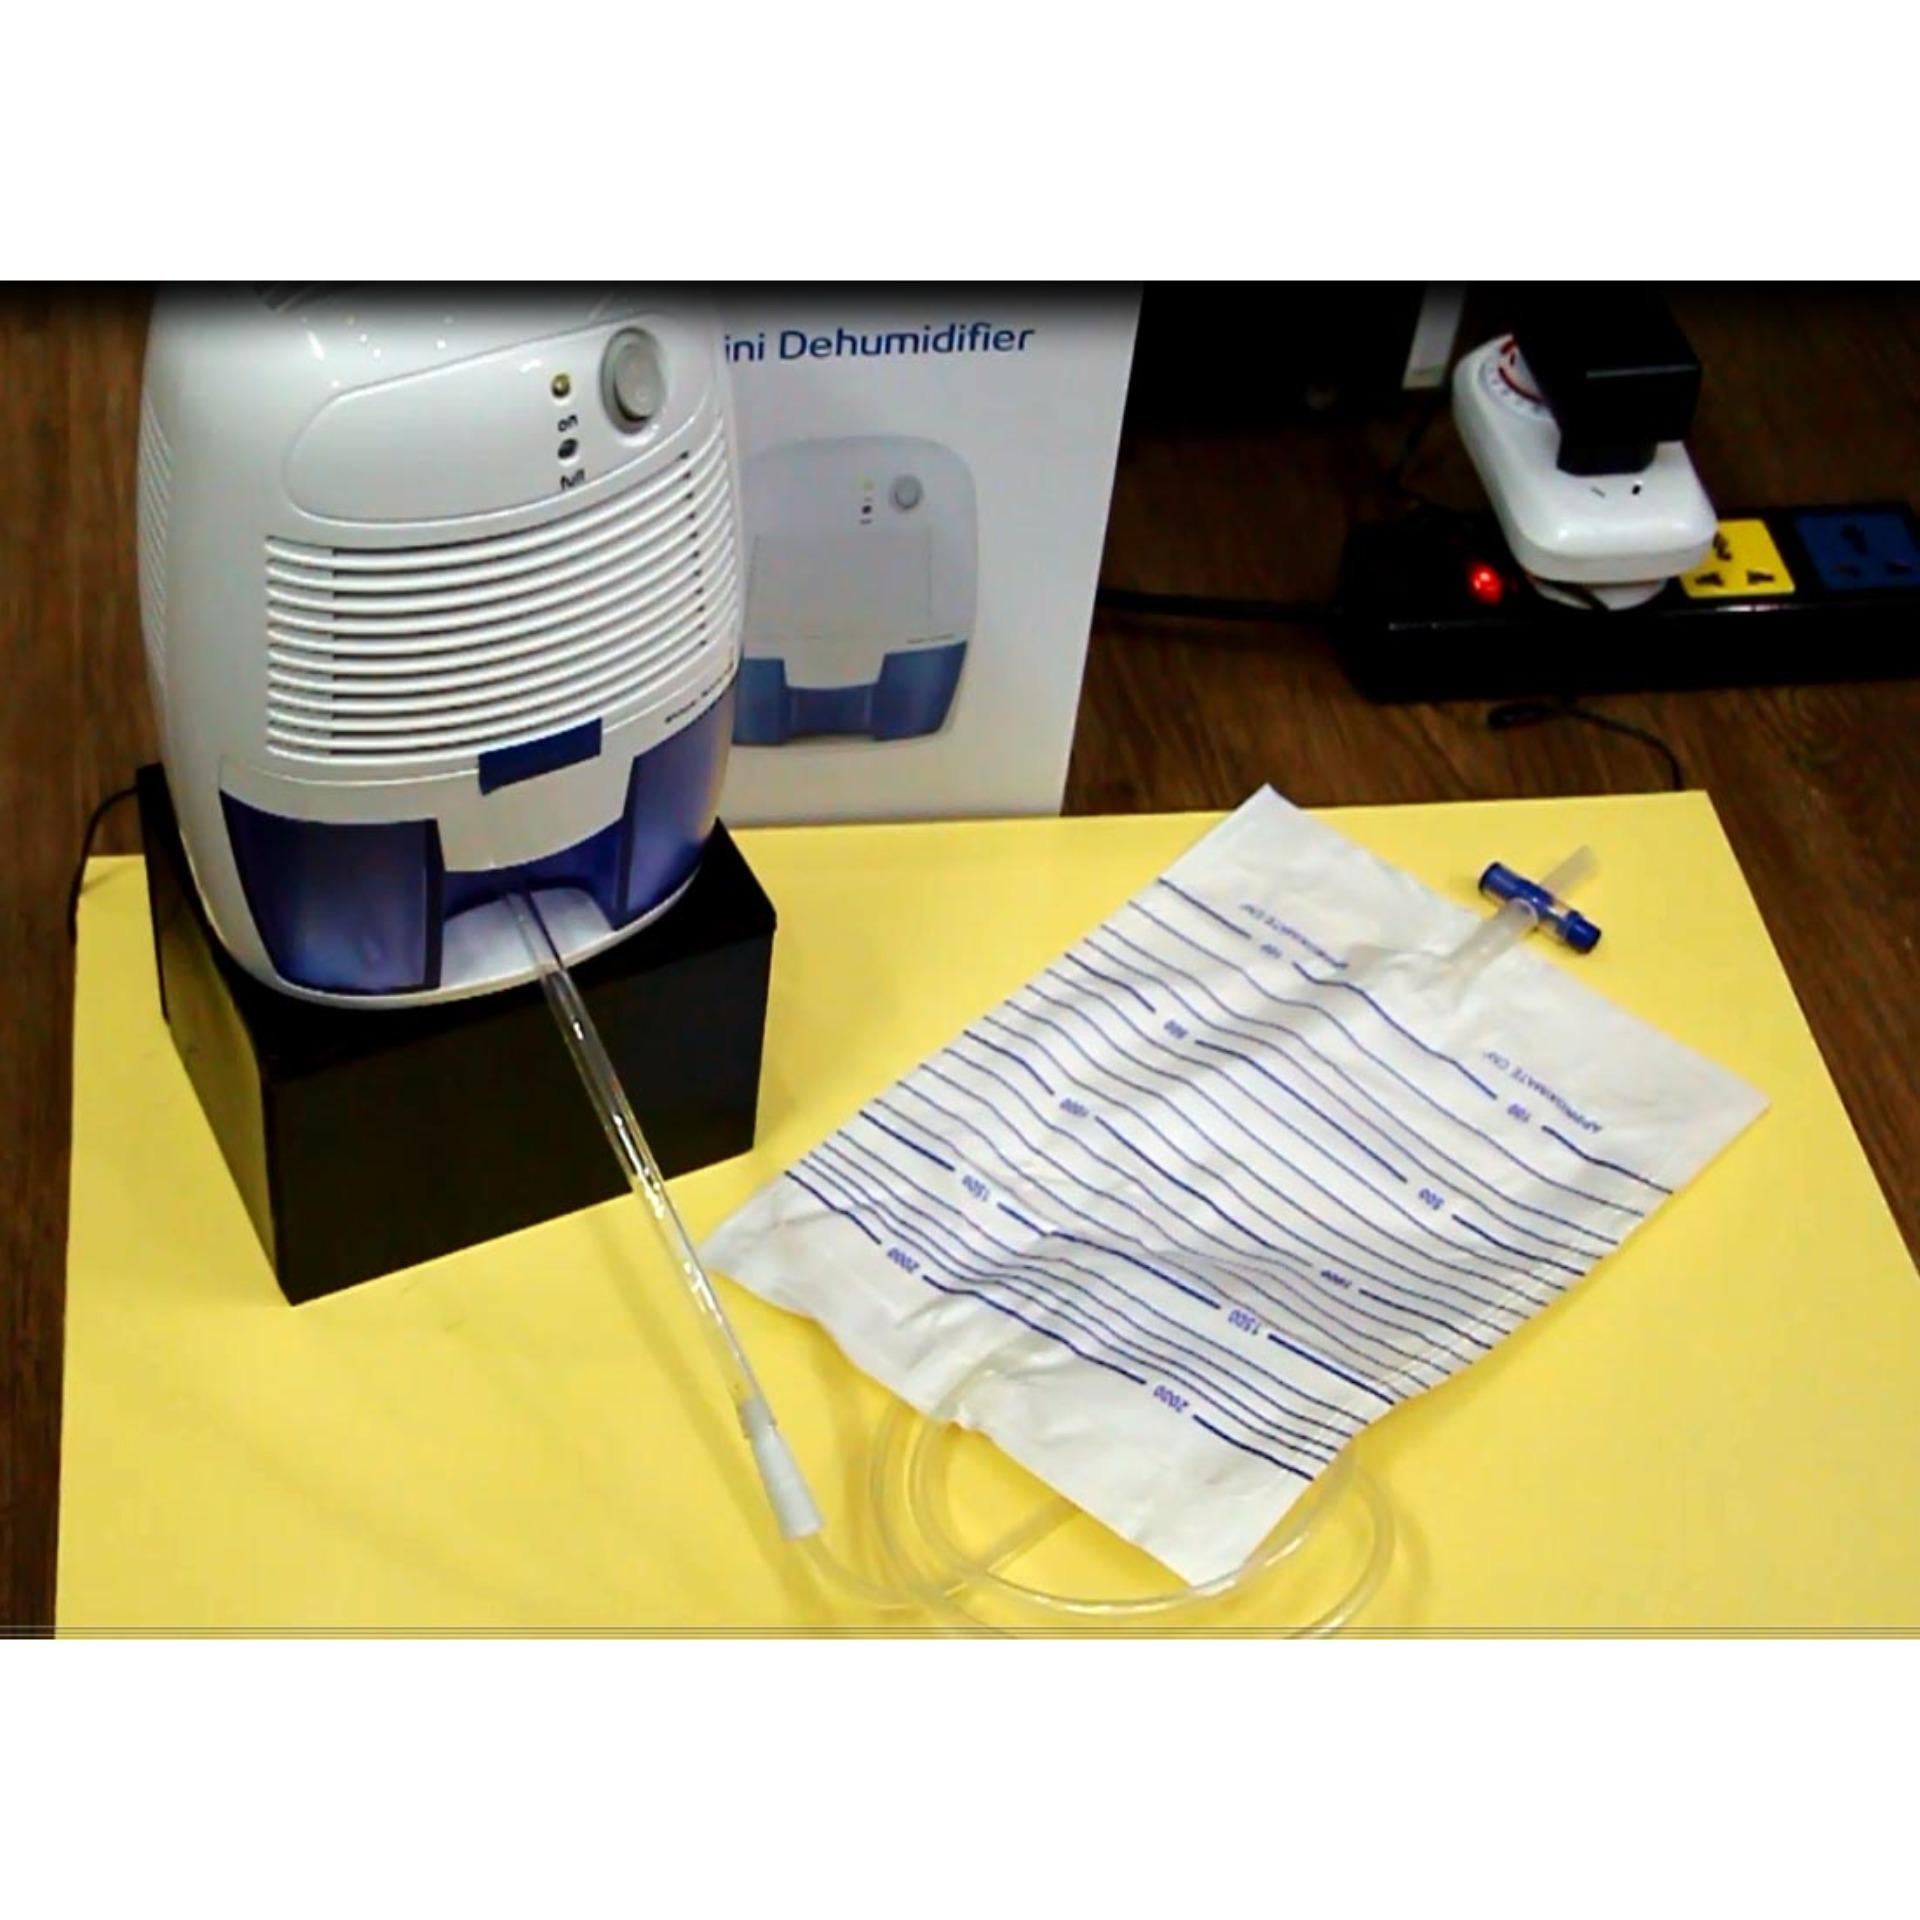 Giá Máy hút ẩm nào tốt,máy hút ẩm và lọc không khí - Máy hút ẩm mini Dehumidifier XROW 600A, Hiệu Suất Hút Ẩm Cao, Máy Chạy Êm Và Rất Tiết Kiệm Điện - Bảo Hành Uy Tín 1 Đổi 1 Bởi M2SHOP 021